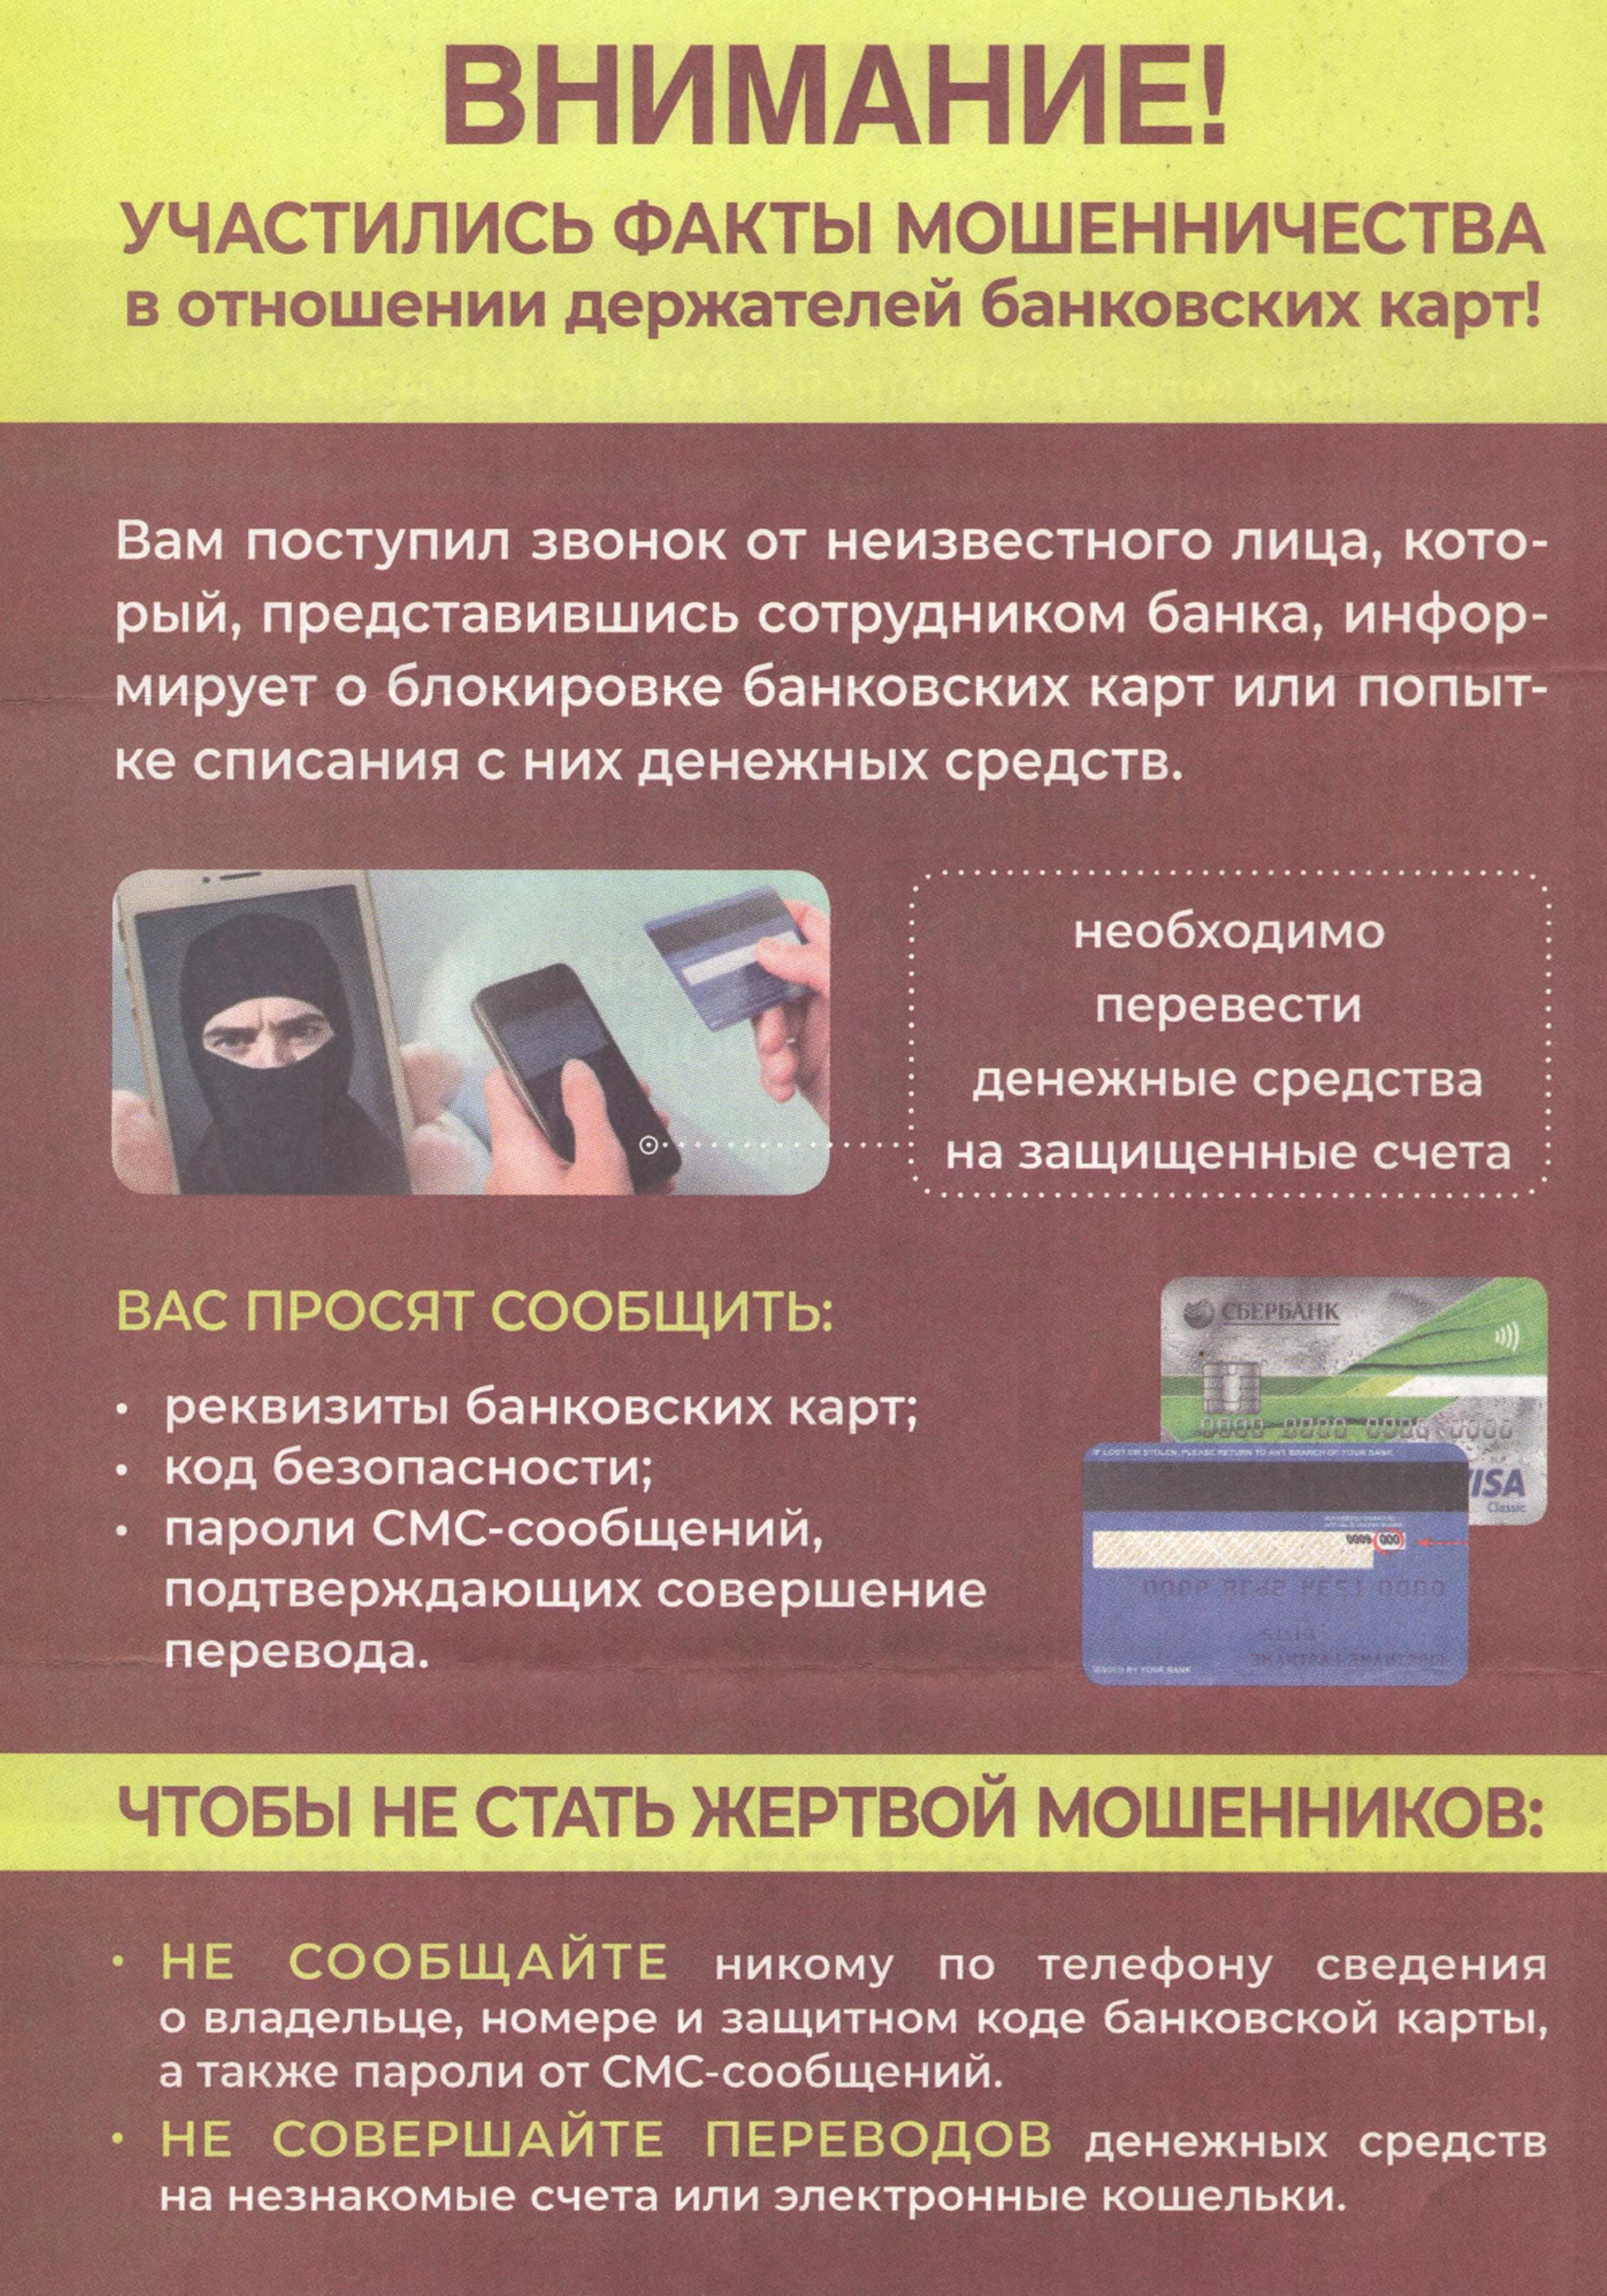 против_мошенников